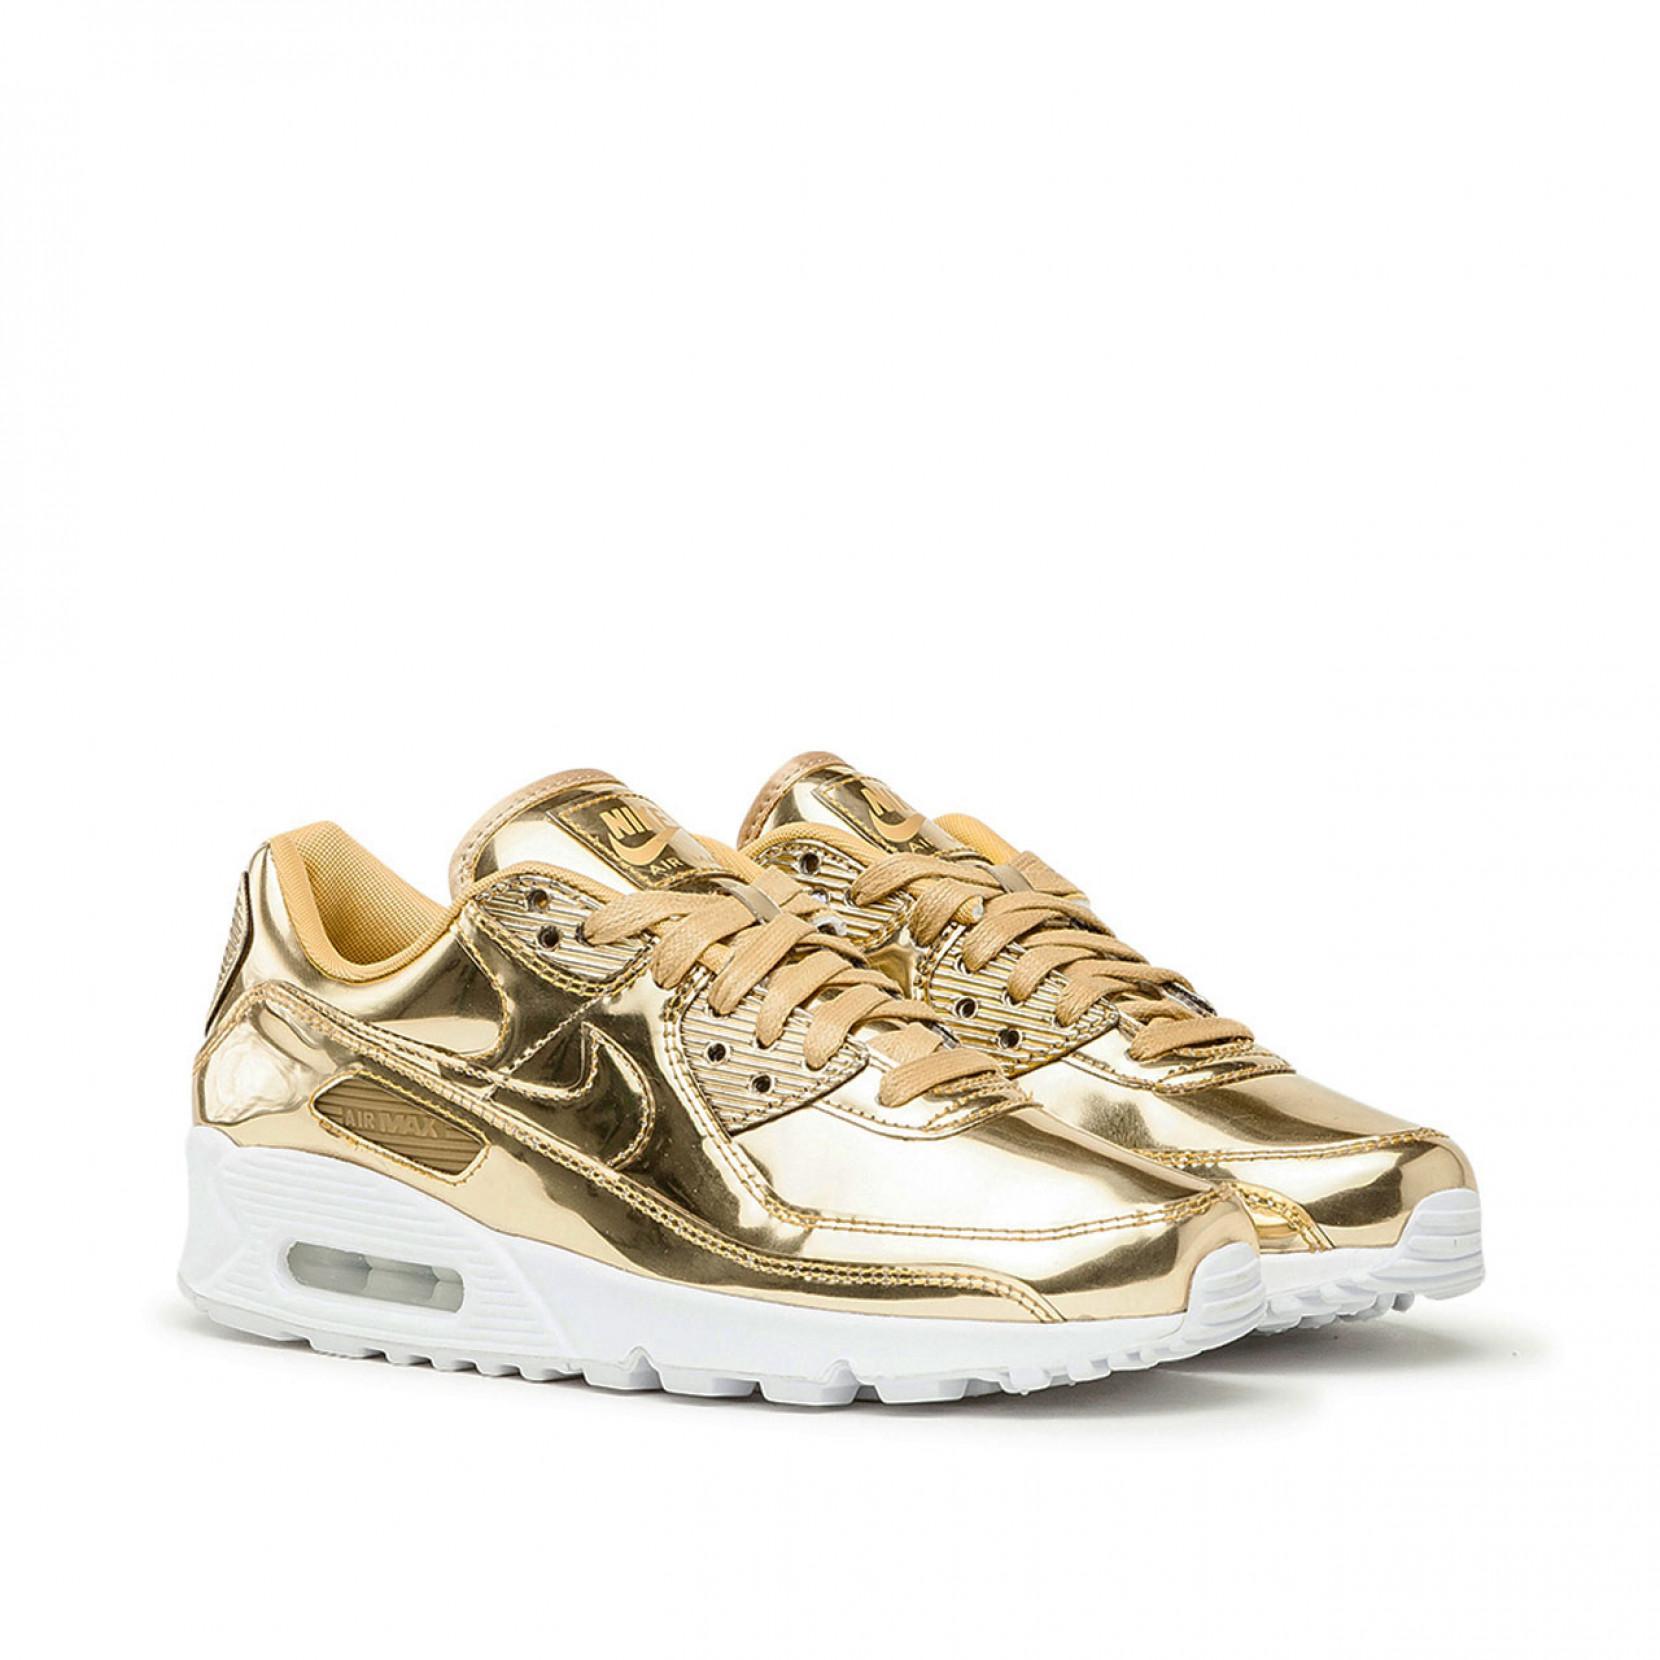 Nike Leather W Air Max 90 Sp in Metallic Gold (Metallic) - Save 61 ...